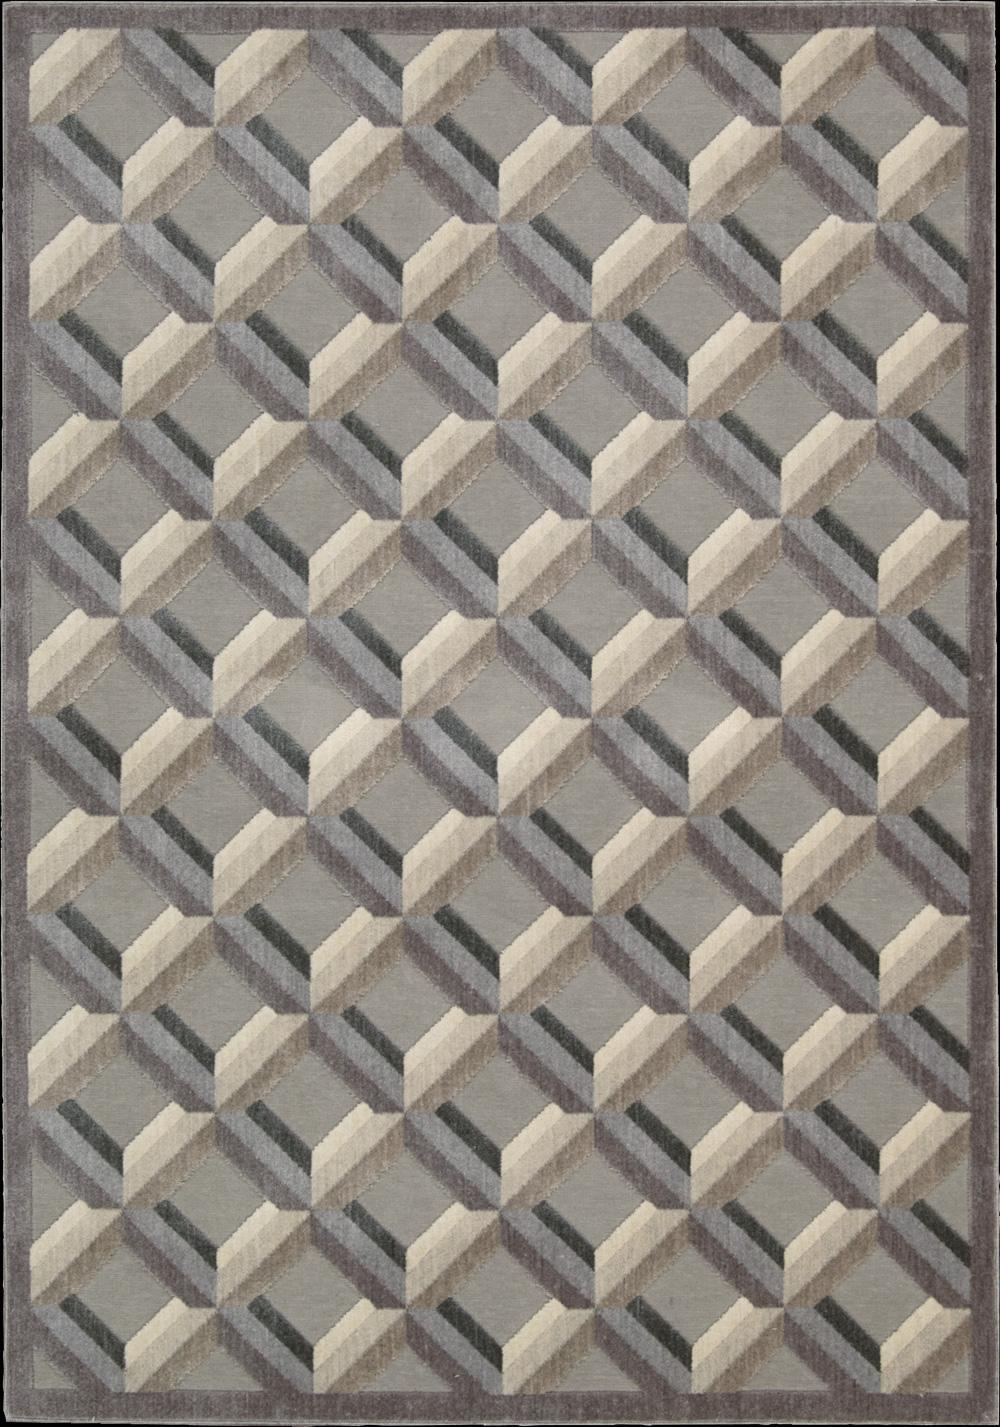 """Nourison Graphic Illusions Area Rug 3'6"""" x 5'6"""" - Item Number: 16073"""